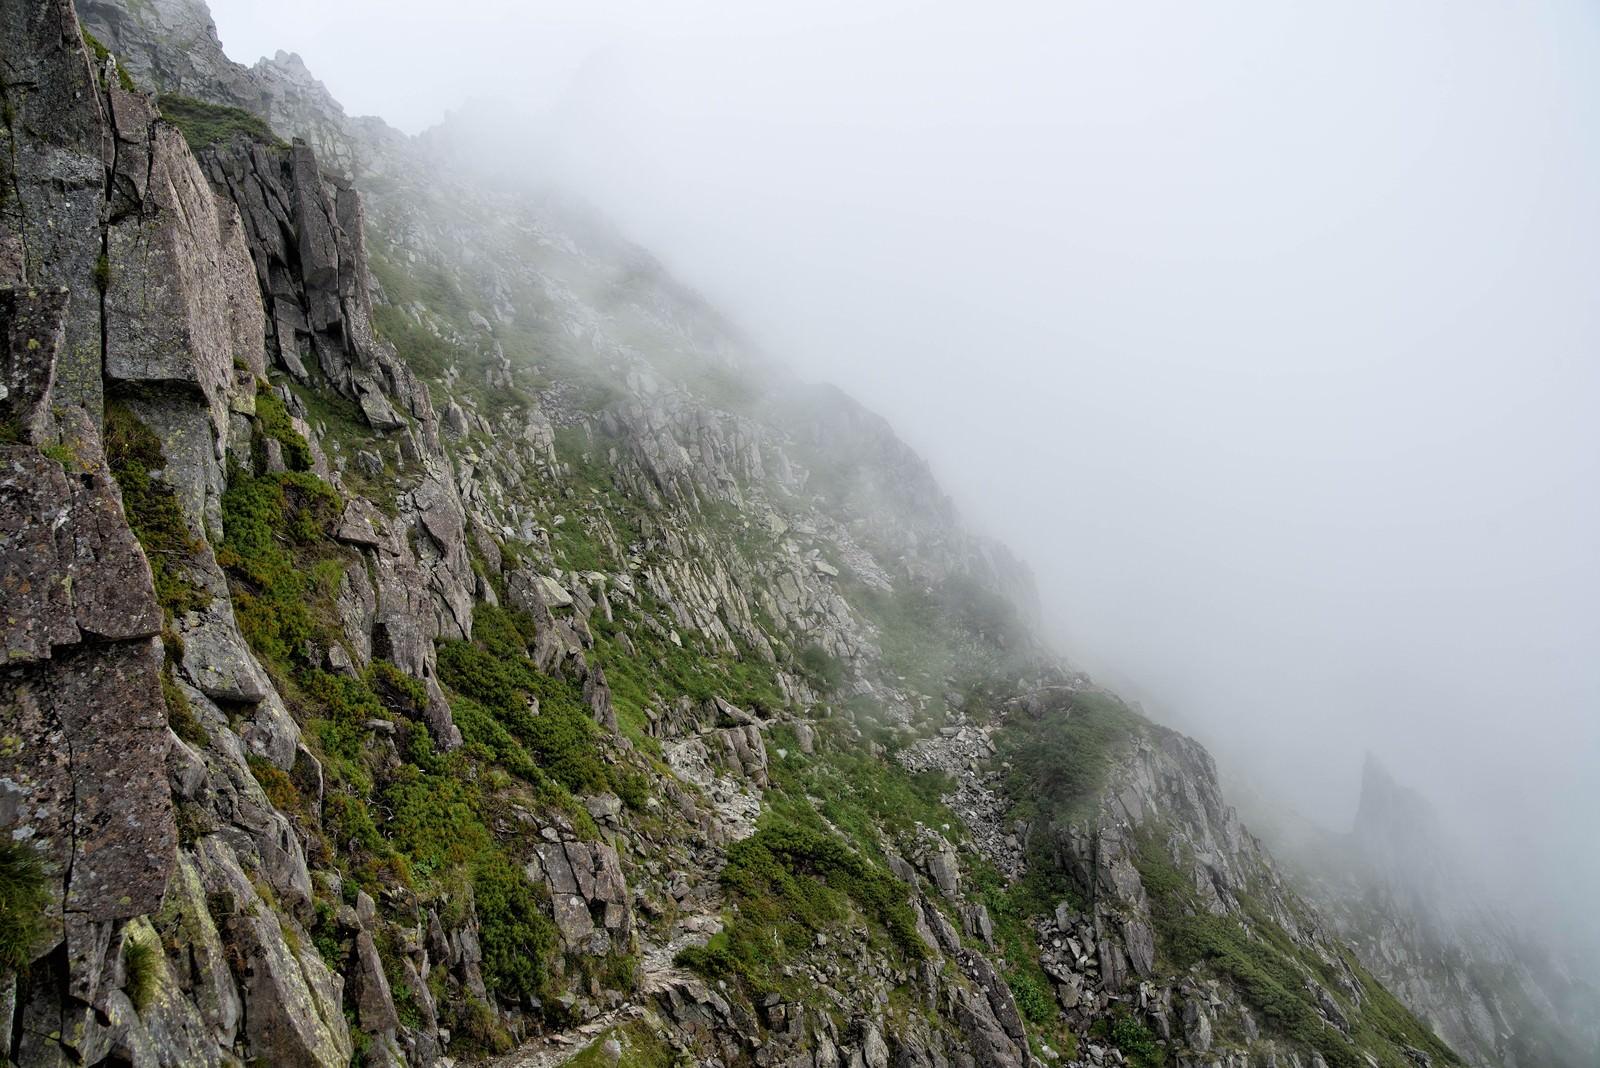 「霧がたちこめる吊尾根のトラバース道」の写真